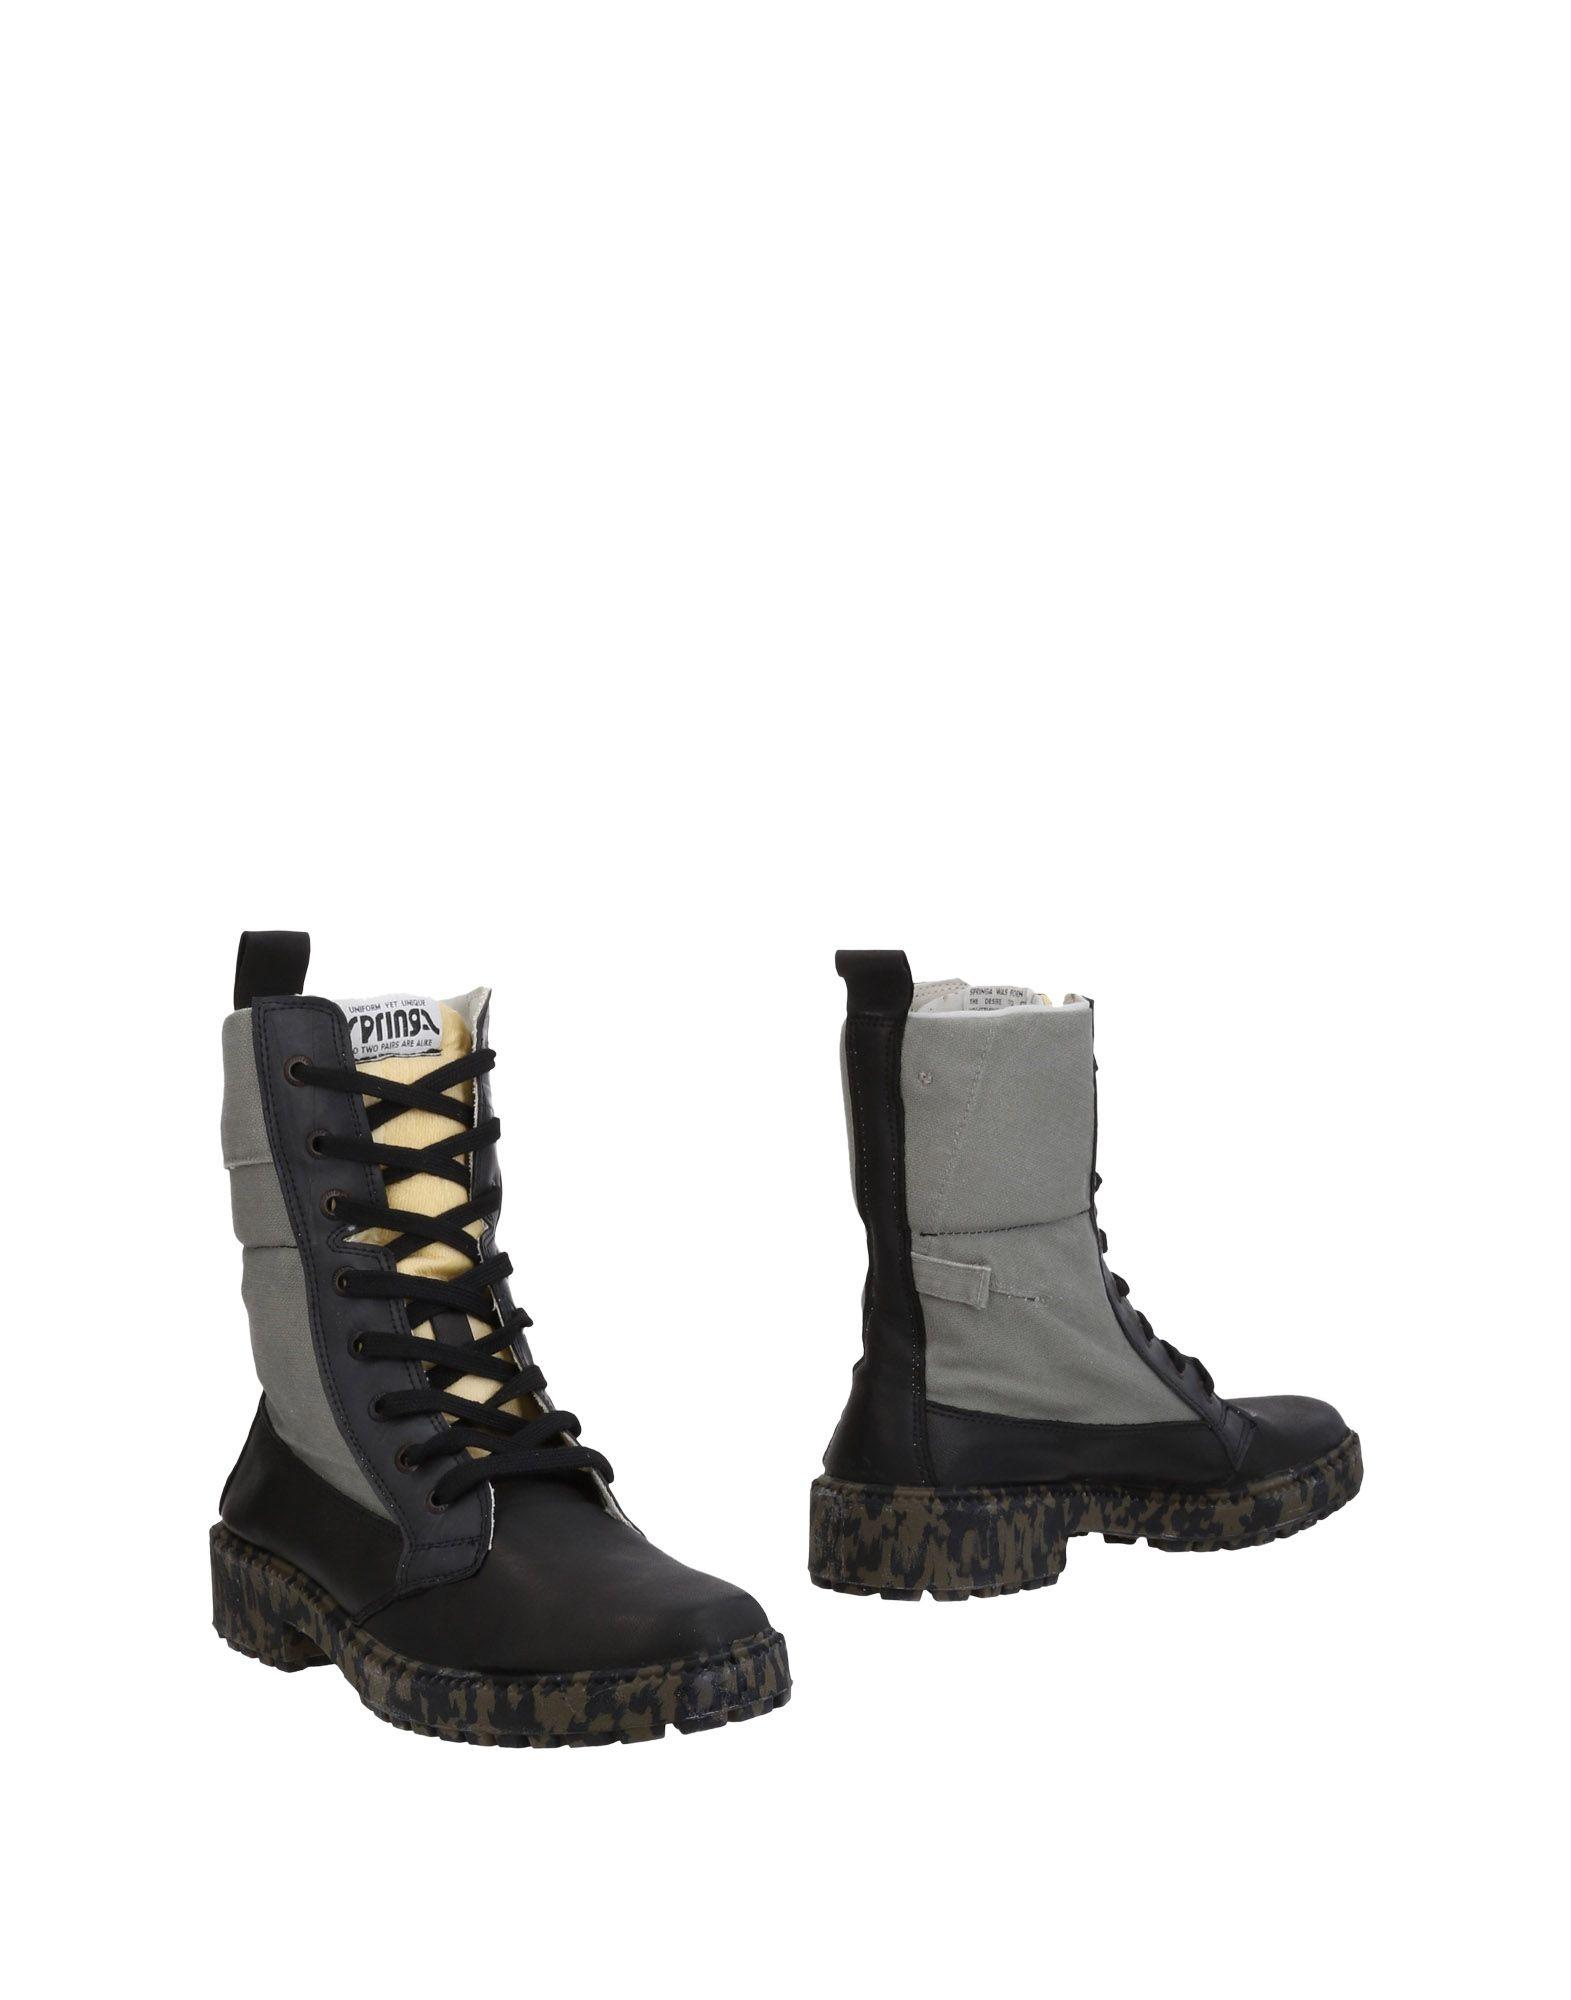 Rabatt echte  Schuhe Springa Stiefelette Herren  echte 11457261WC aa6026